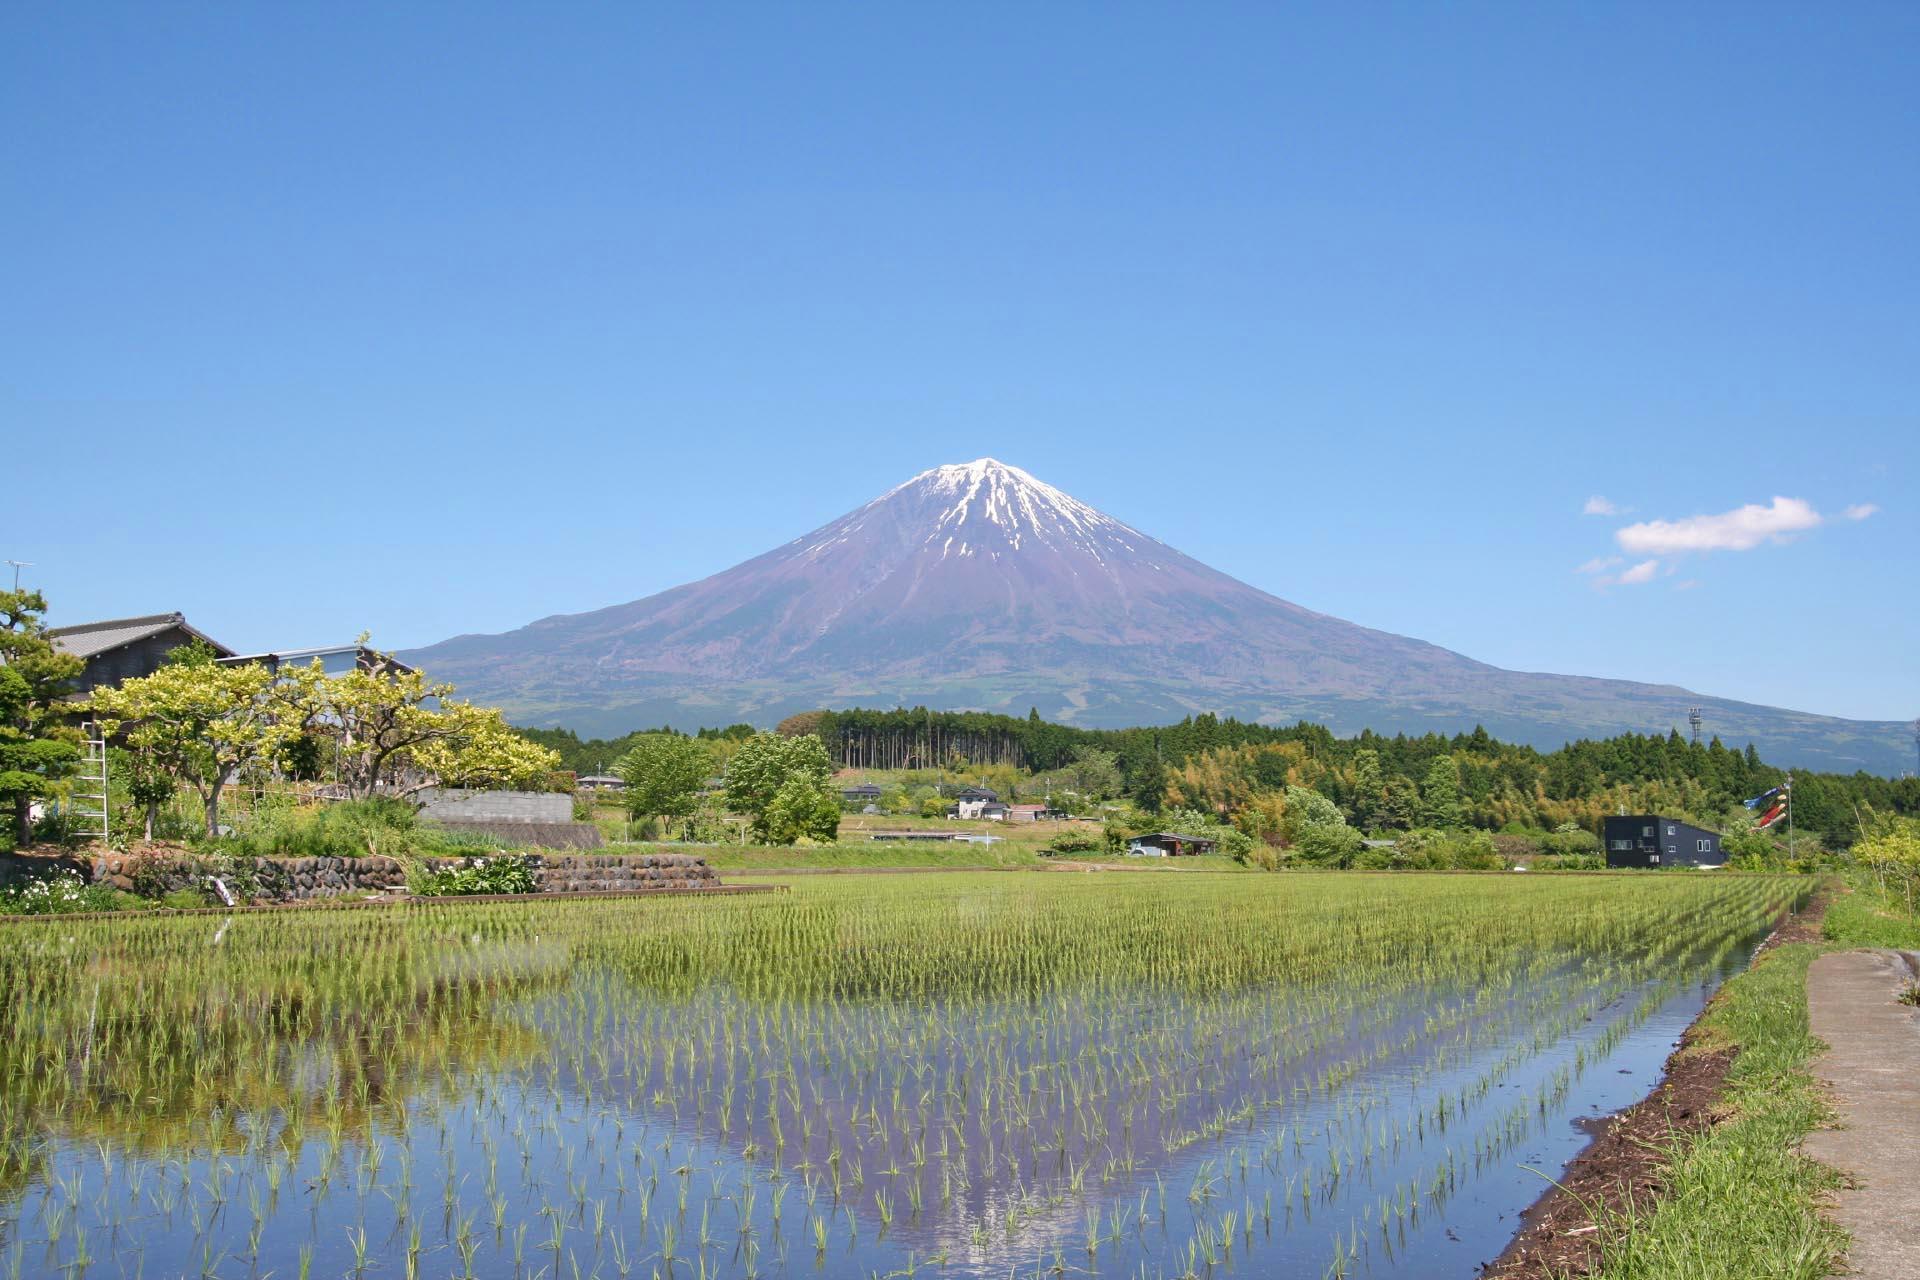 富士山のある風景 静岡の風景